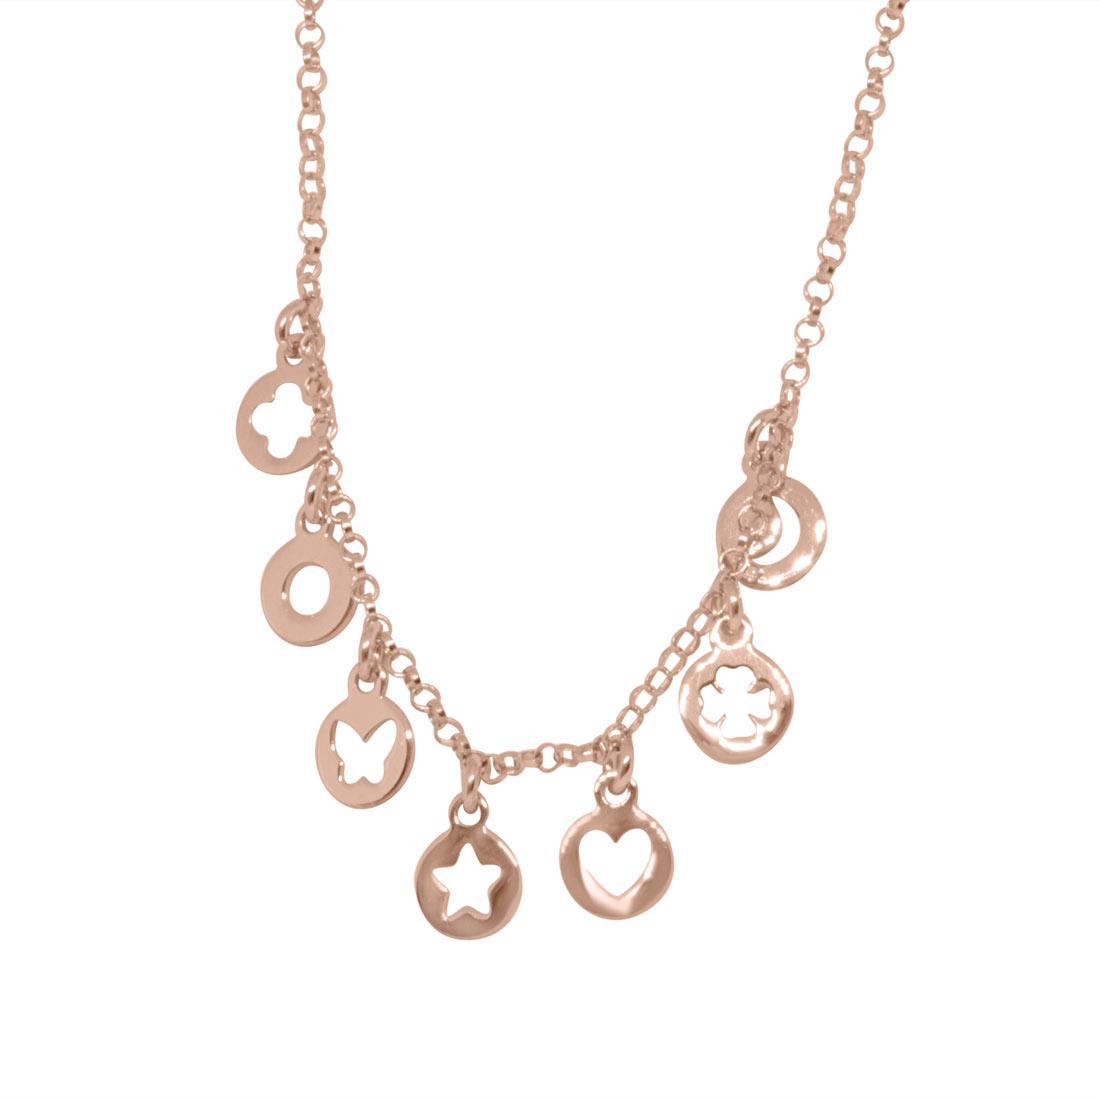 Collana in argento rosato con charms - ORO&CO 925